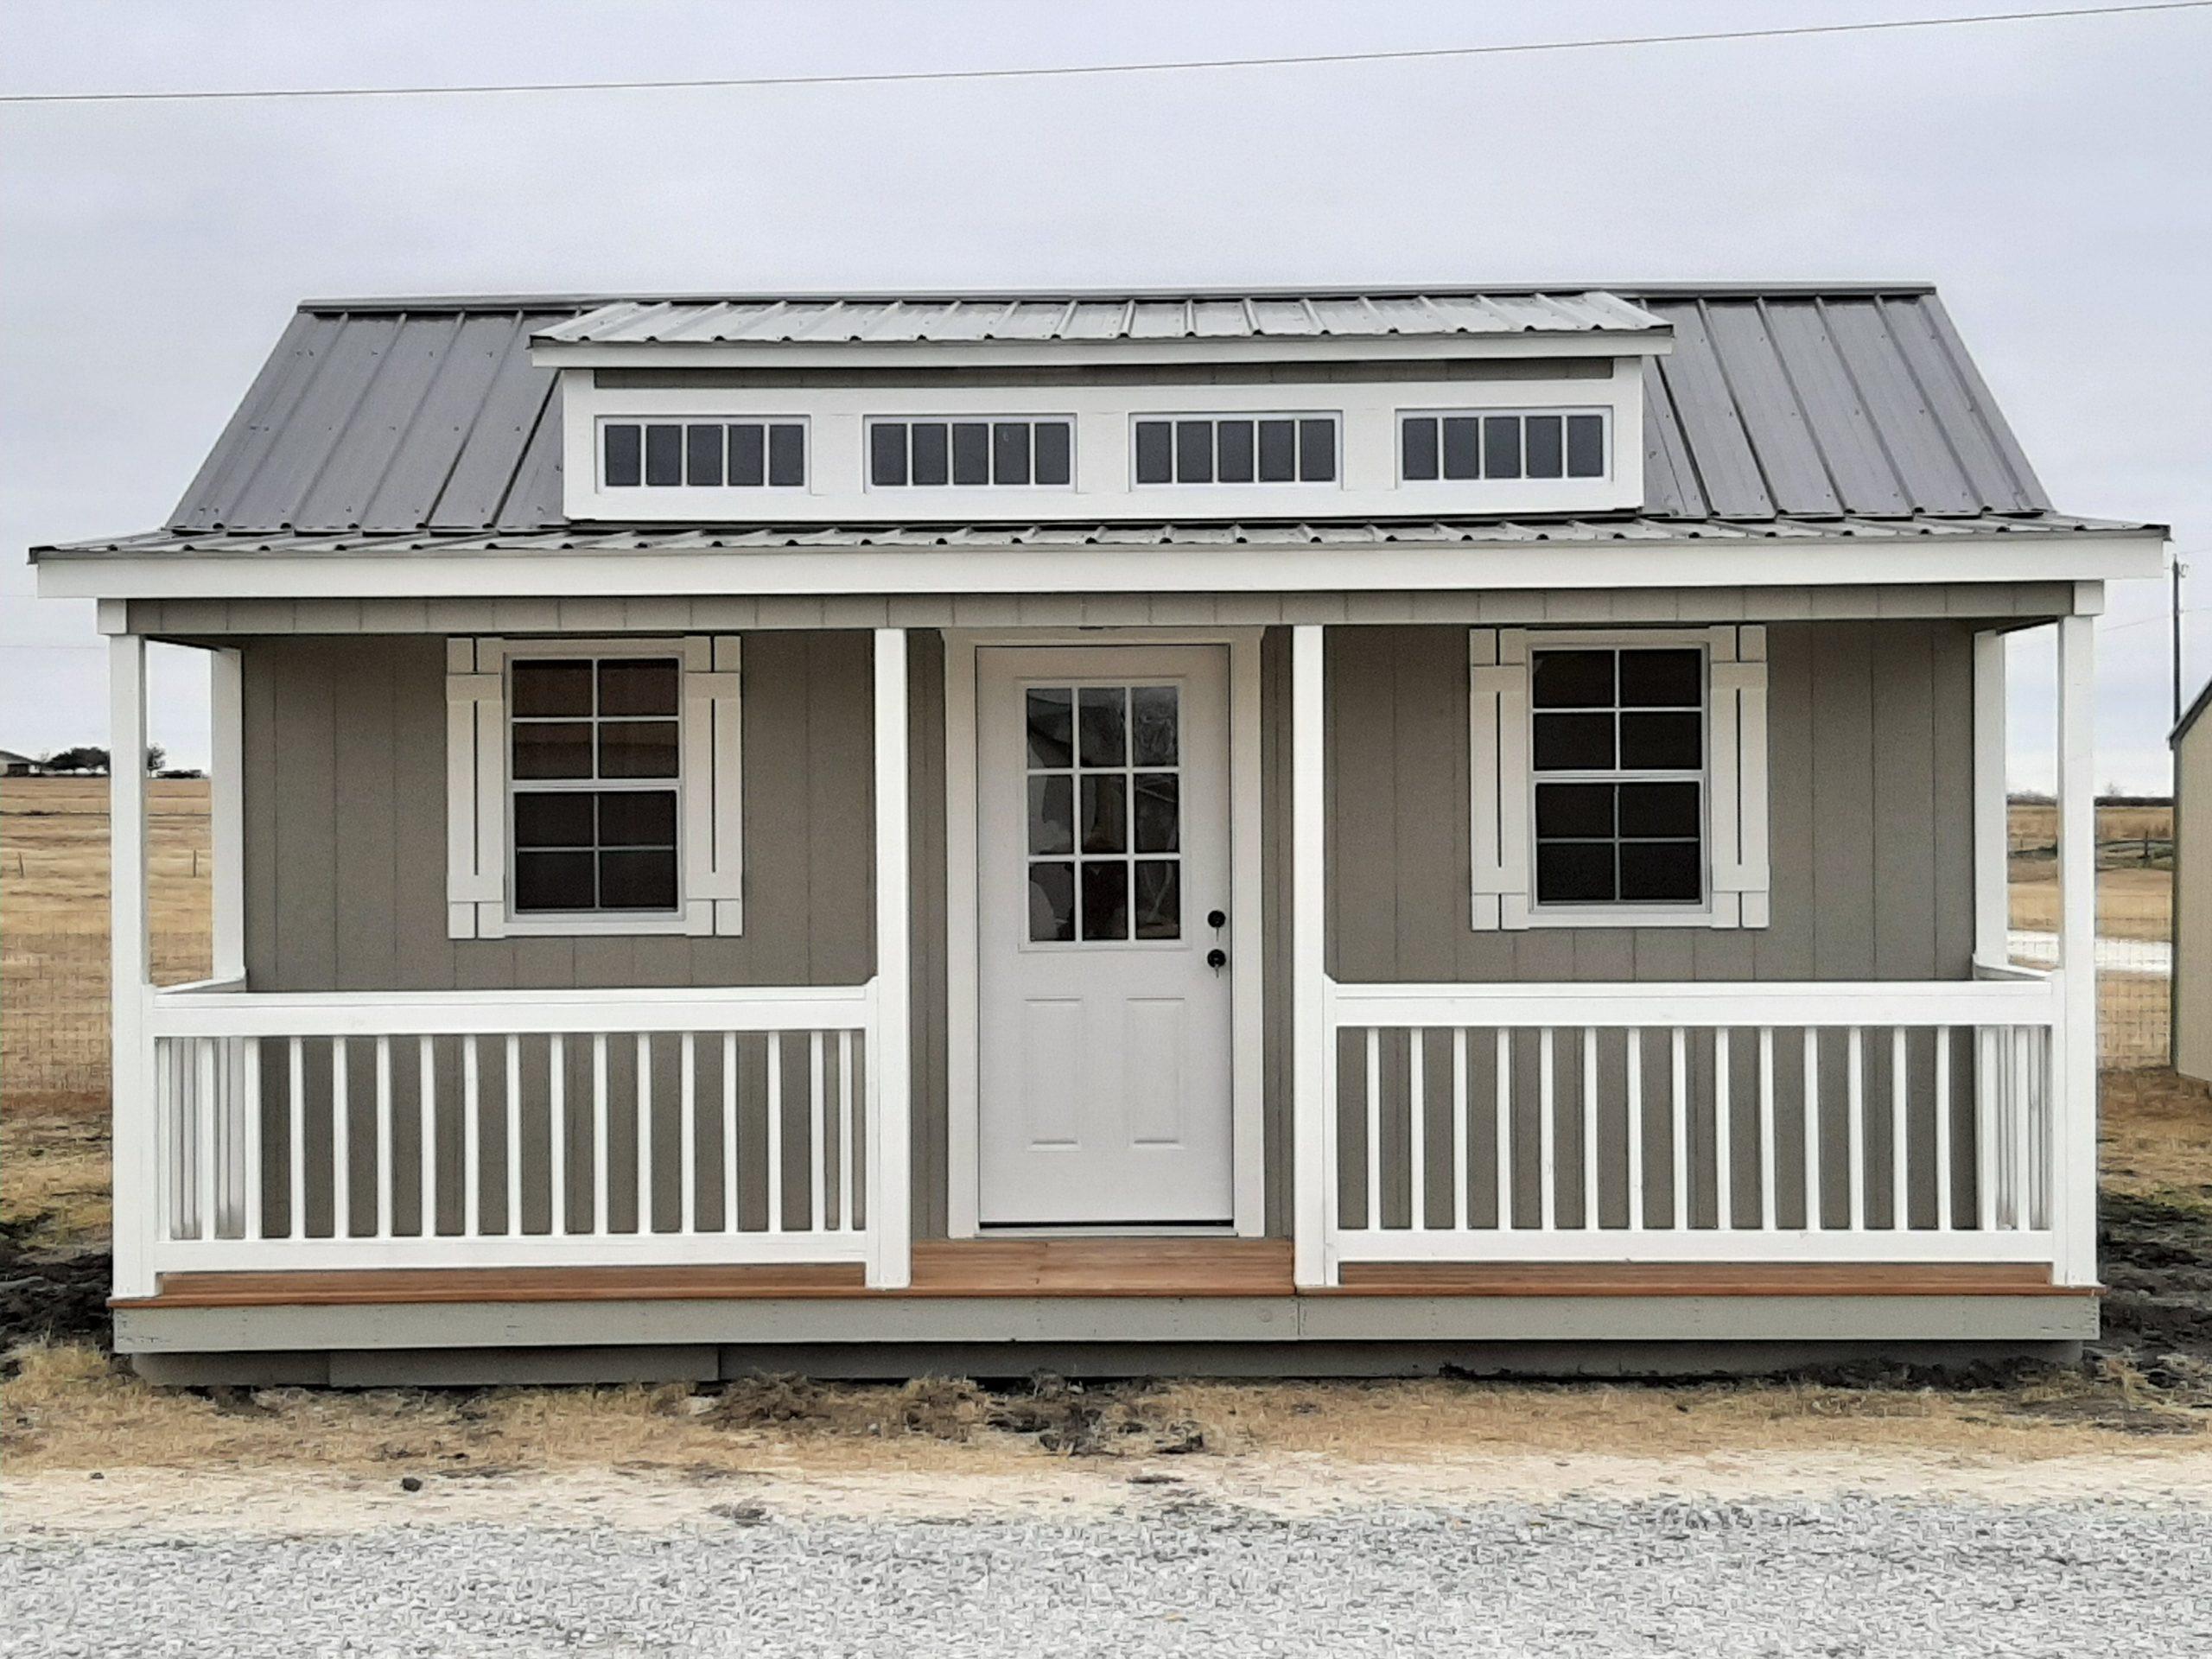 16x20 Dormer Cabin w/Porch Image